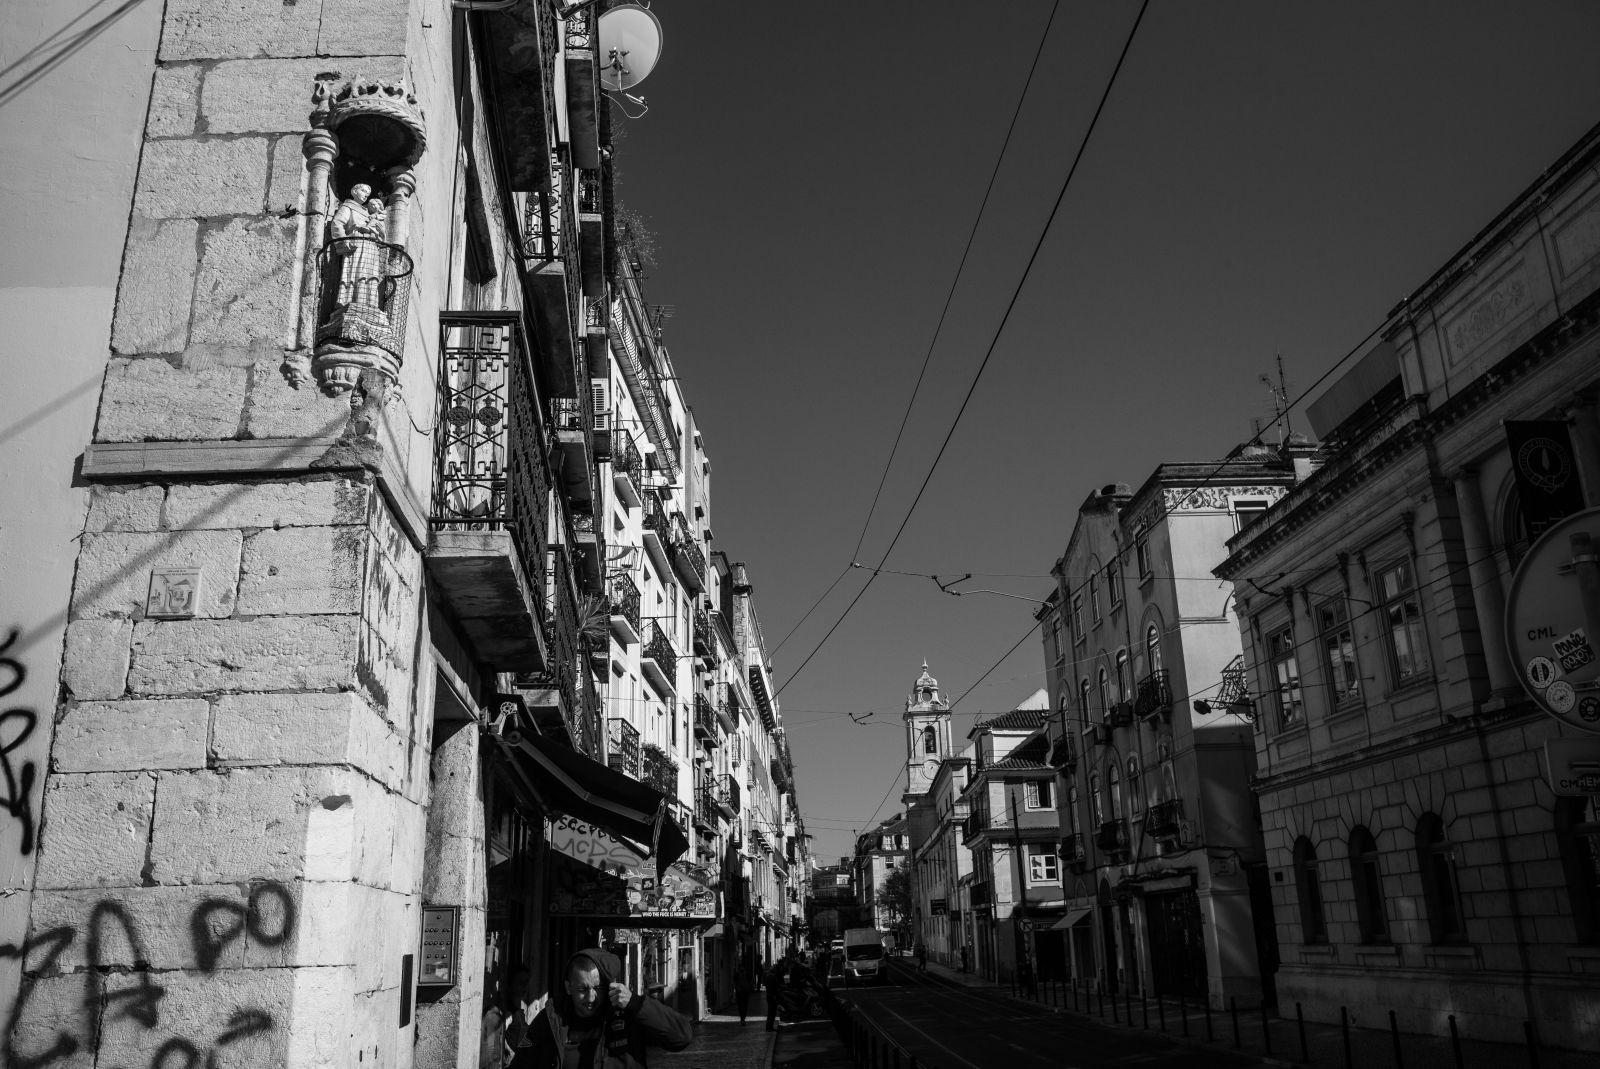 Fotos: © Rui Sérgio Afonso